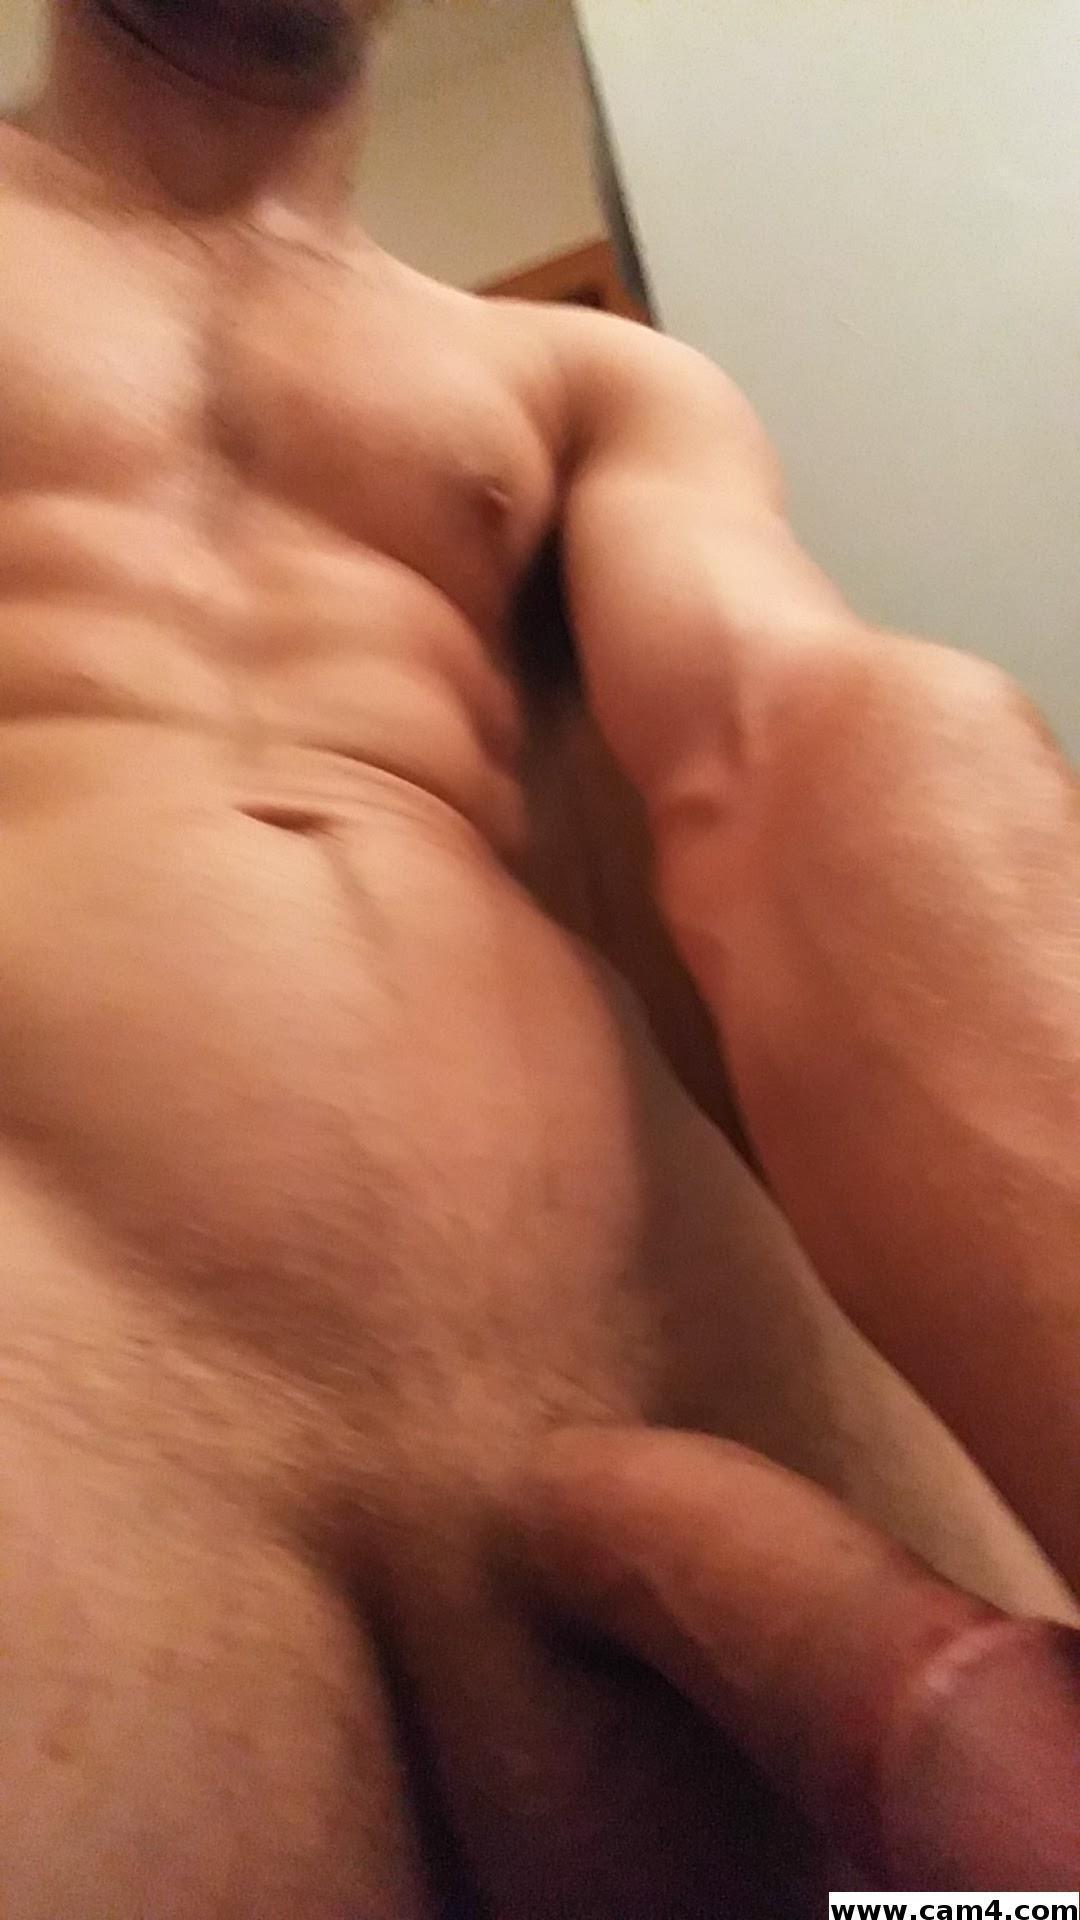 Sexynslutty?s=uoyxt8xj5ln8u4zogyafpvyezj5v8expqhxvmgwdtee=